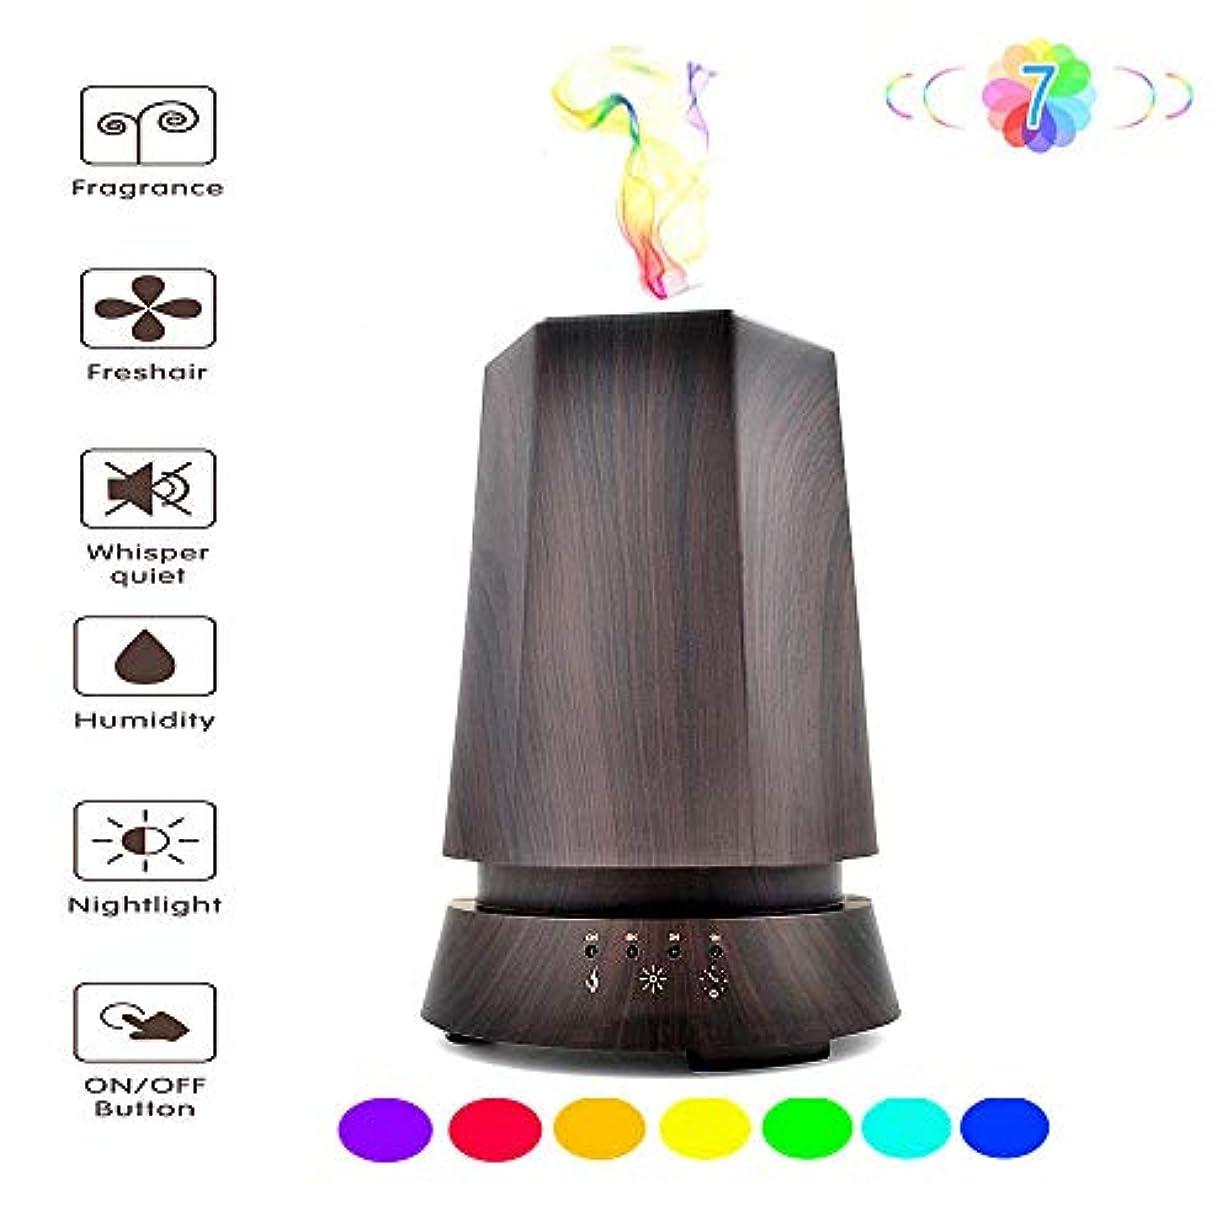 伸ばす今まで新しい意味350MLエッセンシャルオイルディフューザー - LEDナイトライト - 超音波アロマ加湿器 - LED7色ライト付き - いいえ水自動閉鎖